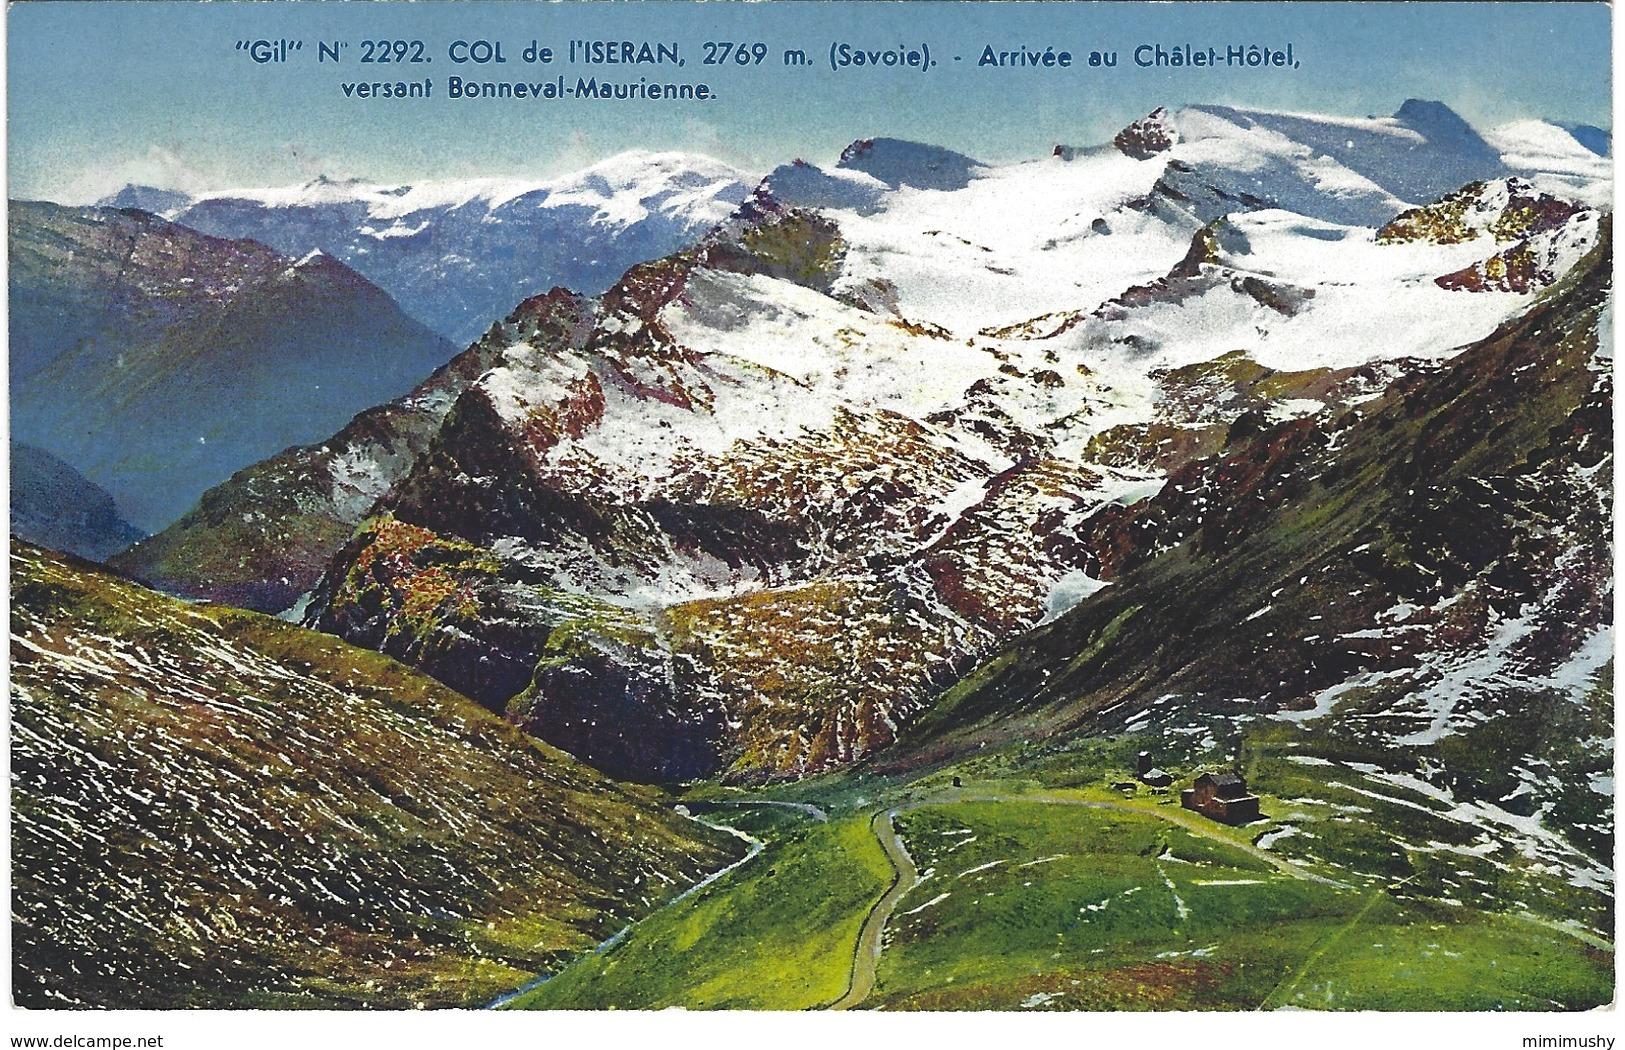 73 - Col De L'iseran - Arrivée Au Chalet Hotel Versant Bonneval Maurienne - France